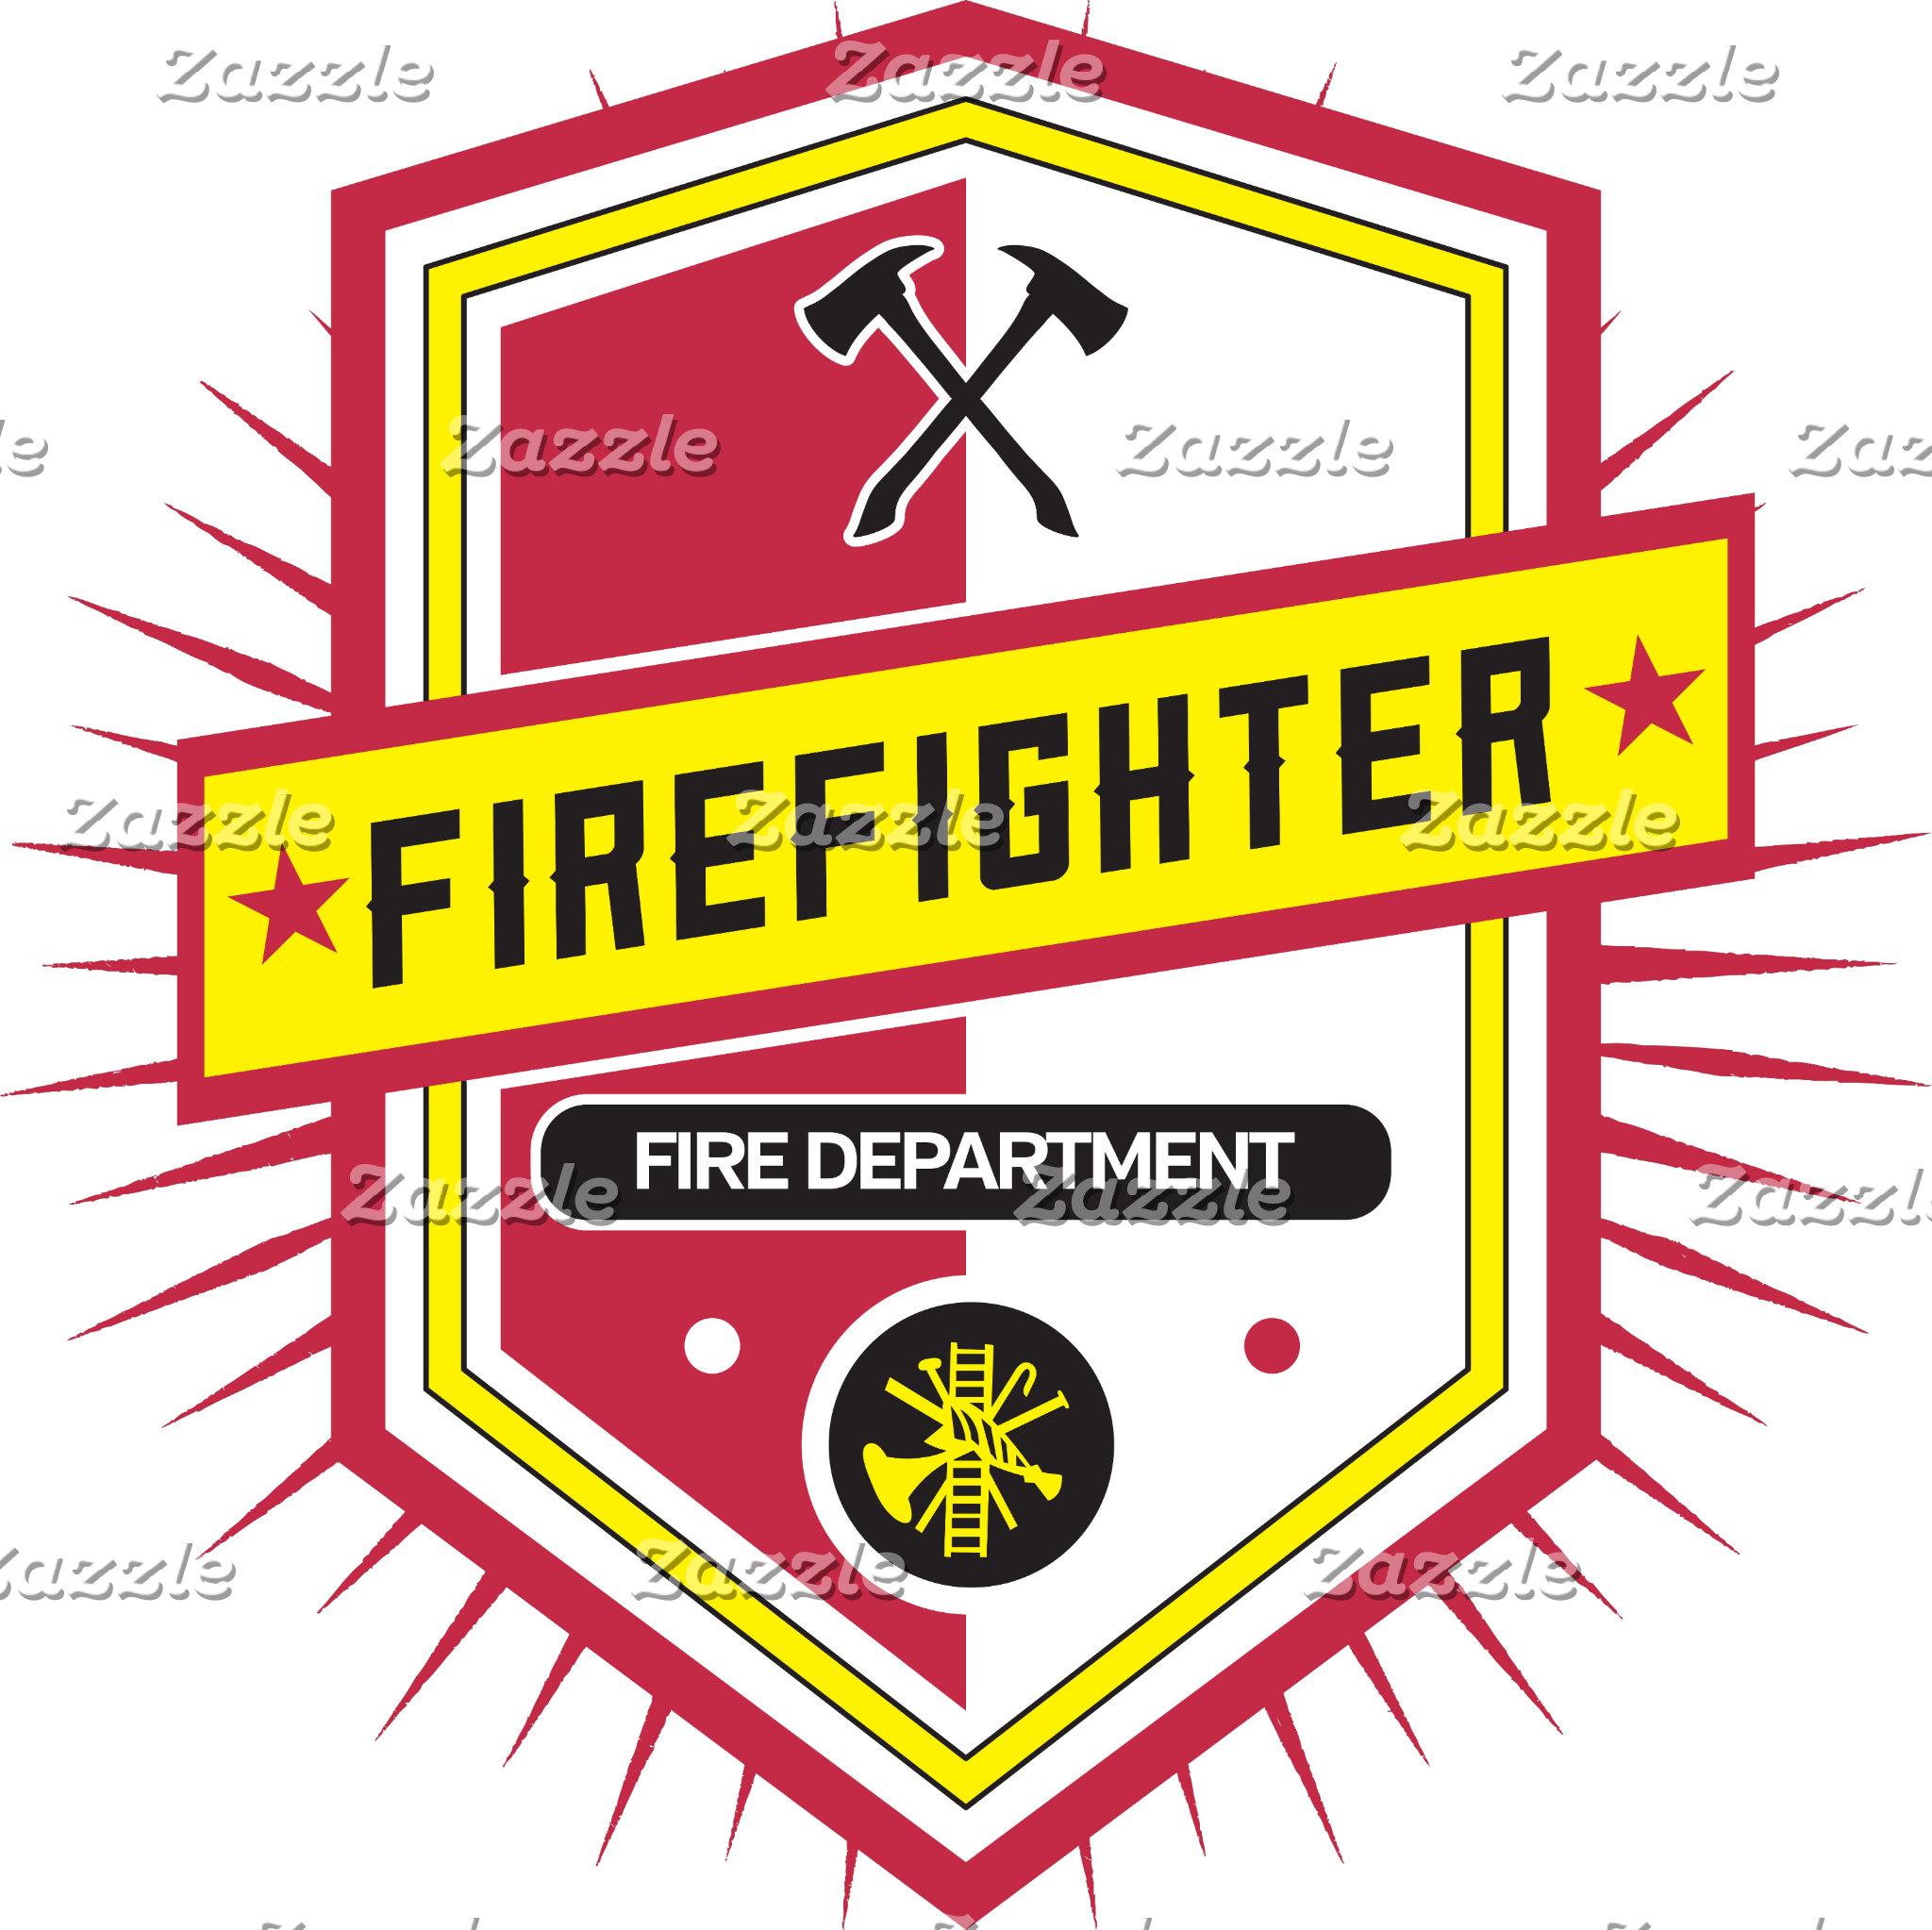 Fire Department Crest